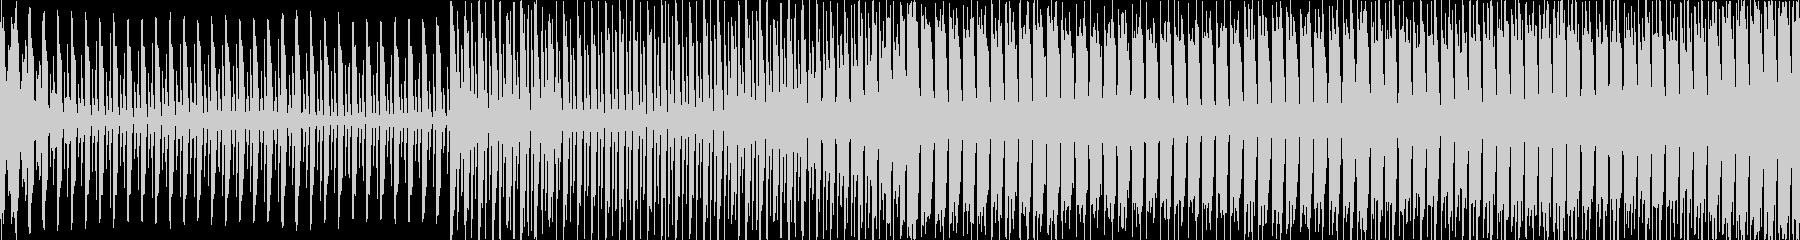 約56秒、緊迫した雰囲気のエレクトロ系…の未再生の波形